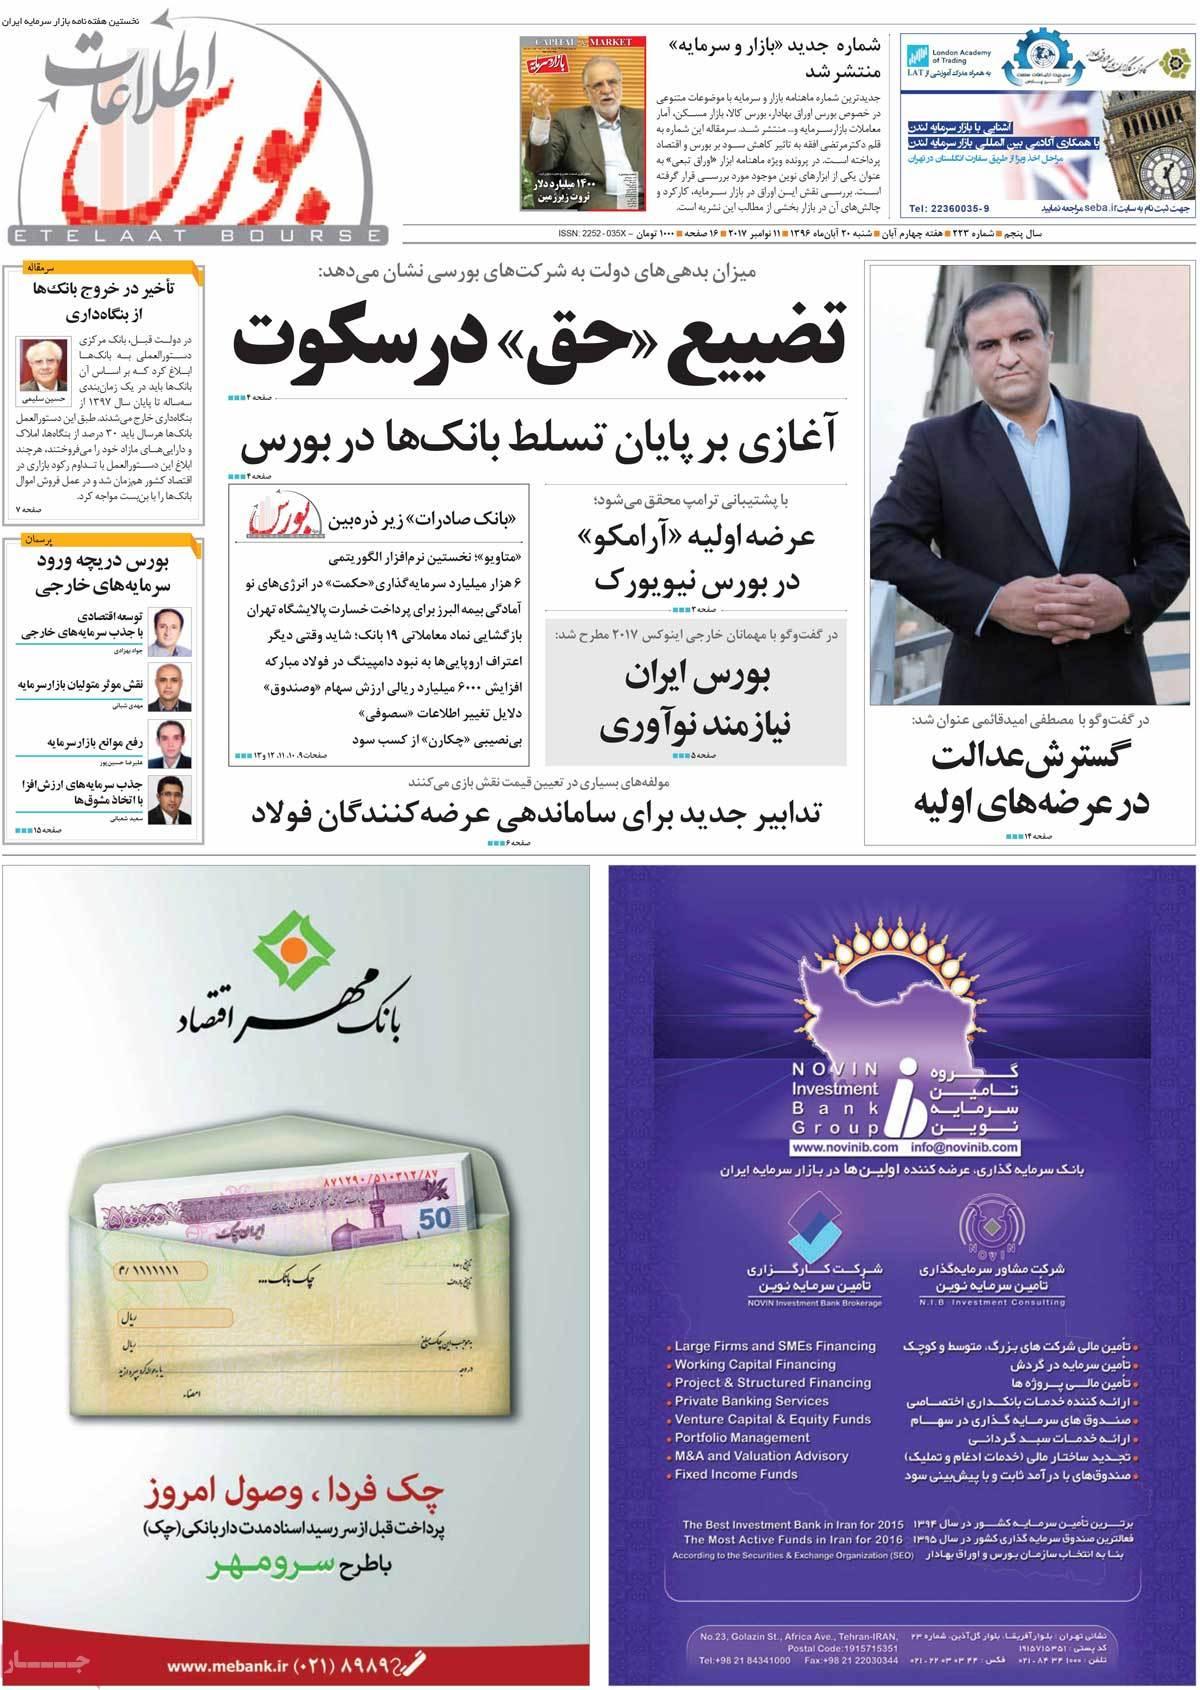 http://www.jaaar.com/assets/images/pishkhan/1396/8/17/cd89fef7.jpg